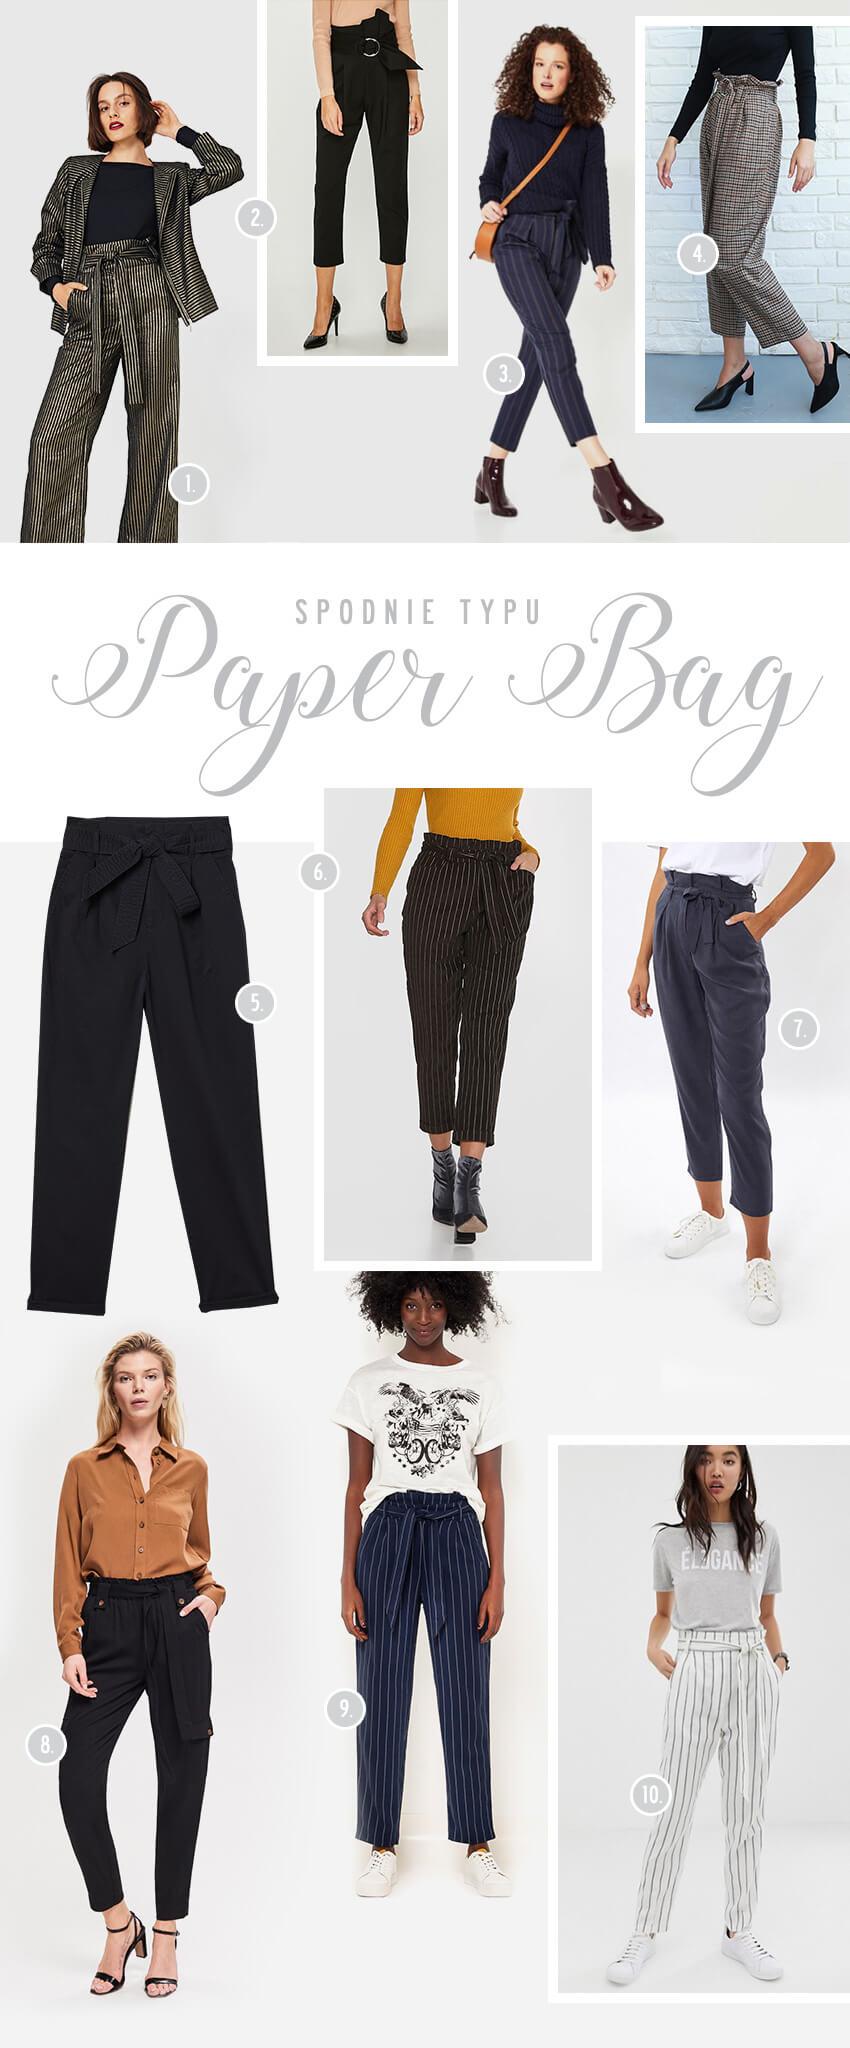 Spodnie typu paper bag